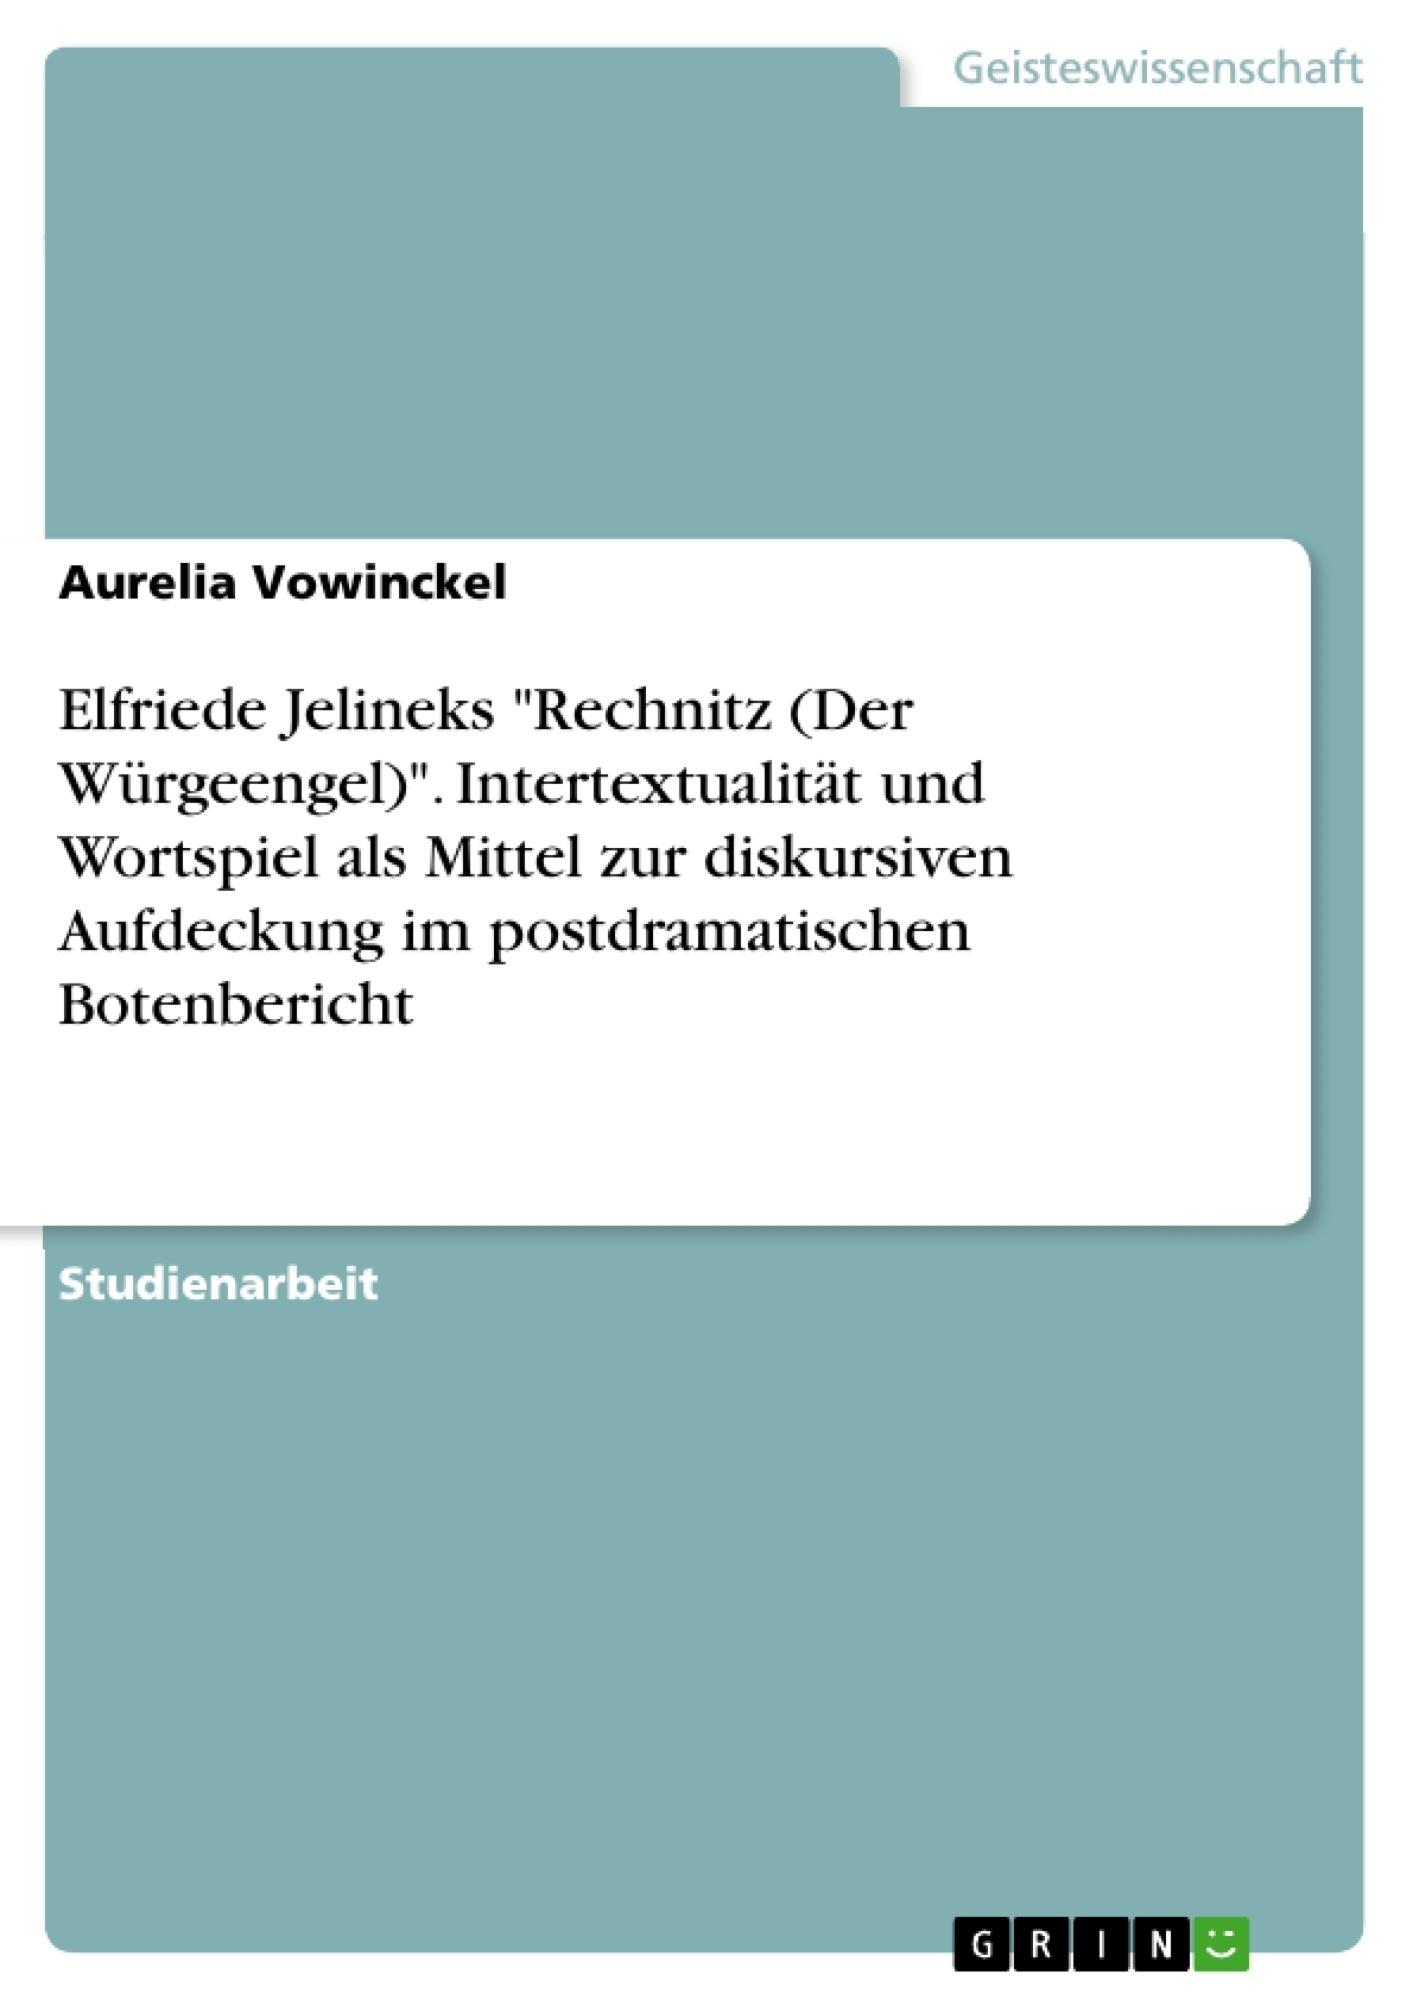 """Titel: Elfriede Jelineks """"Rechnitz (Der Würgeengel)"""". Intertextualität und Wortspiel als Mittel zur diskursiven Aufdeckung im postdramatischen Botenbericht"""